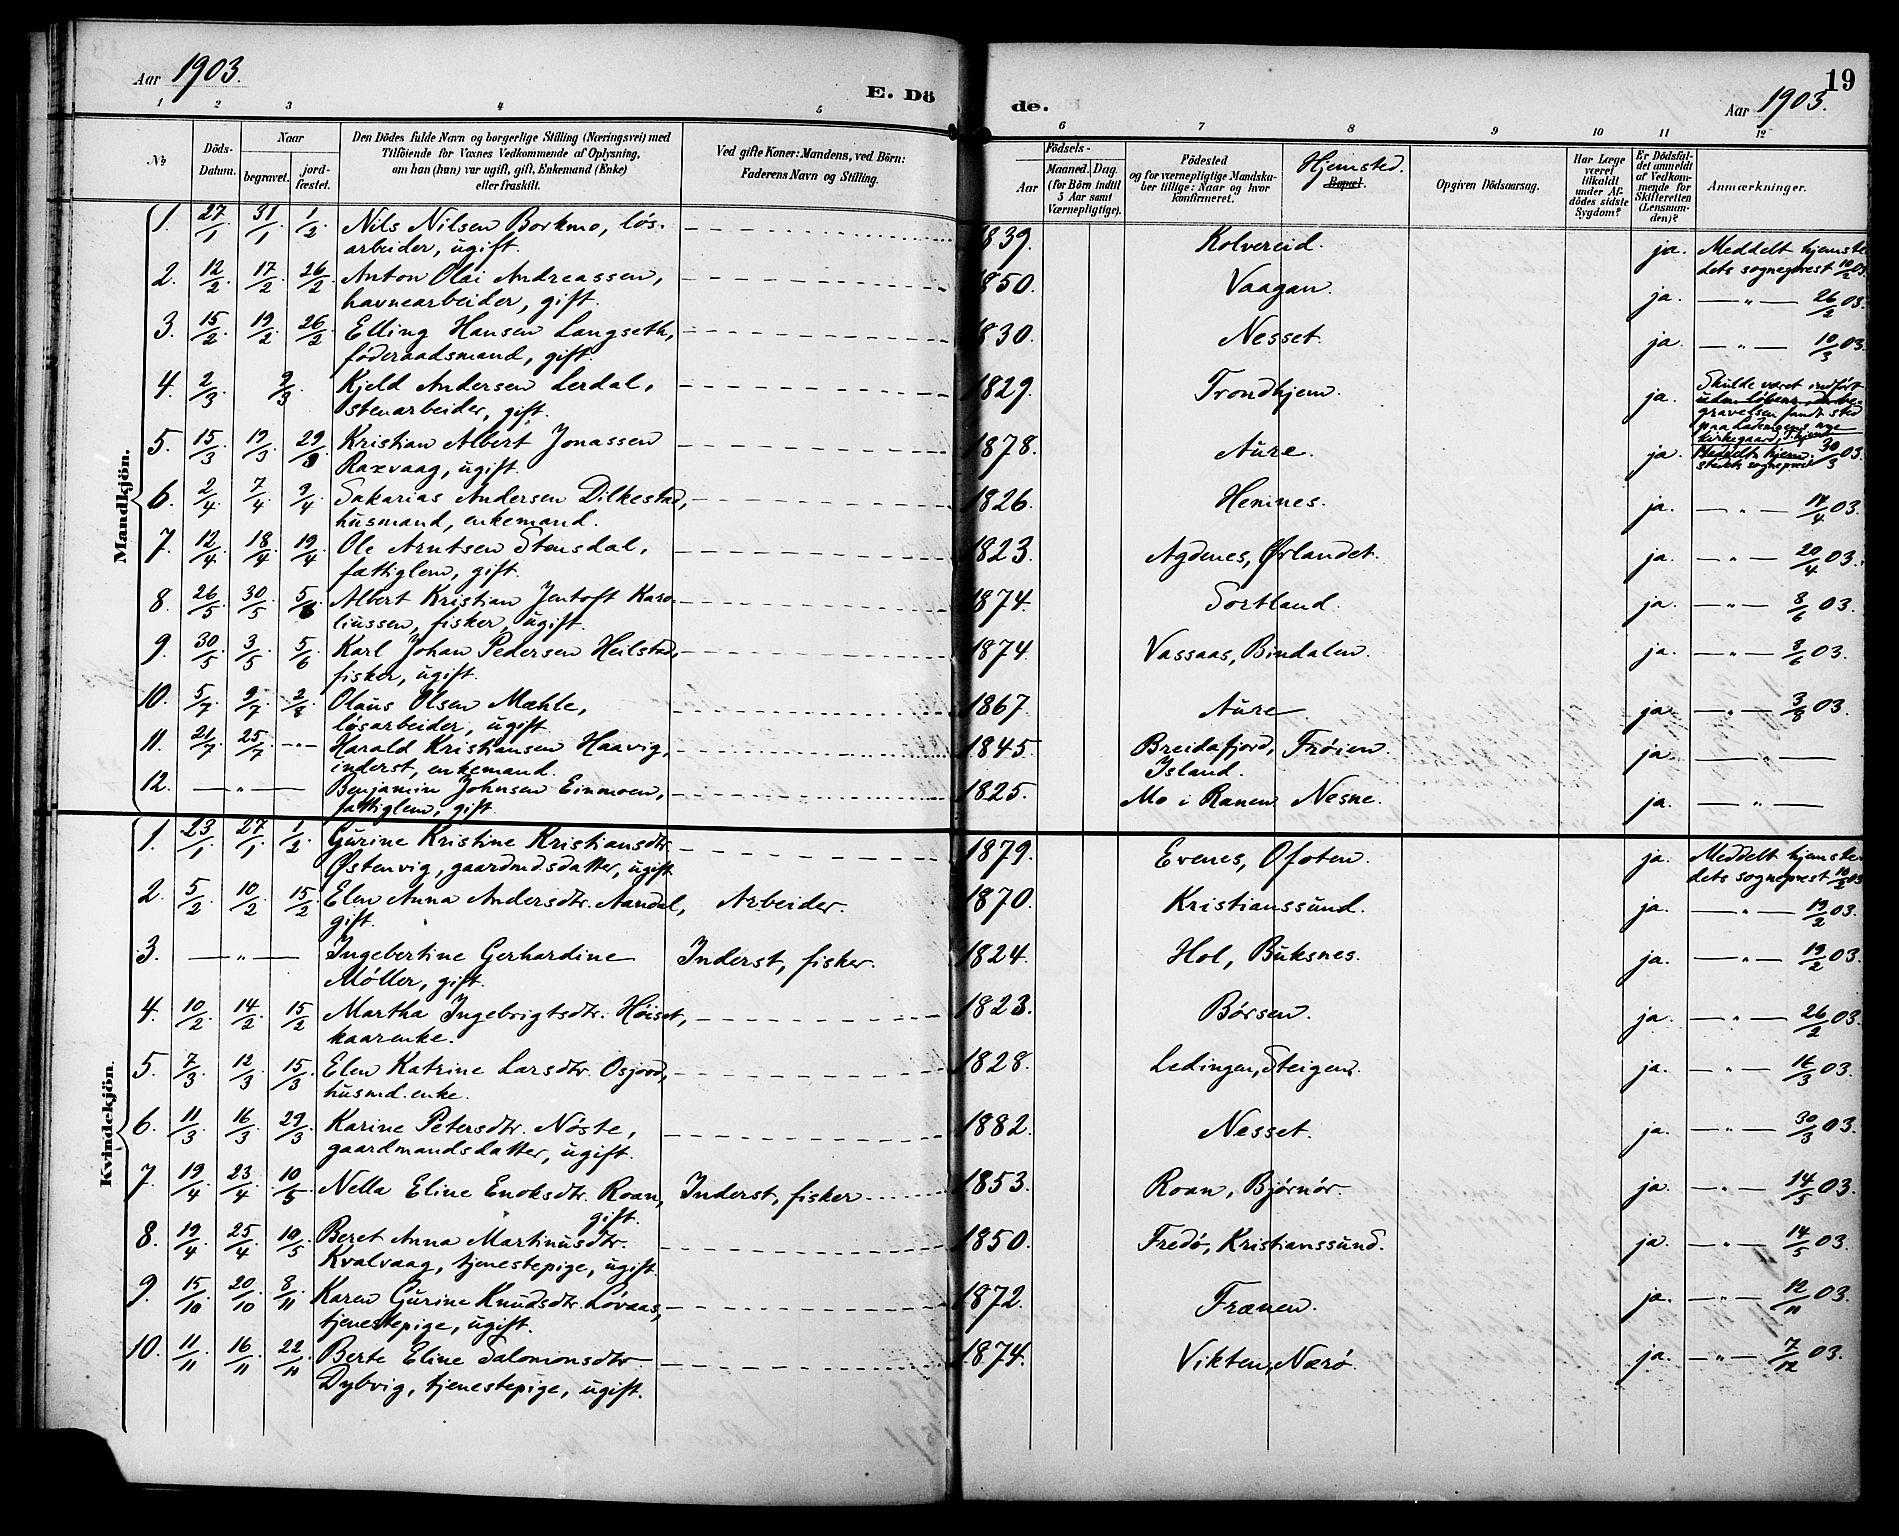 SAT, Ministerialprotokoller, klokkerbøker og fødselsregistre - Sør-Trøndelag, 629/L0486: Ministerialbok nr. 629A02, 1894-1919, s. 19